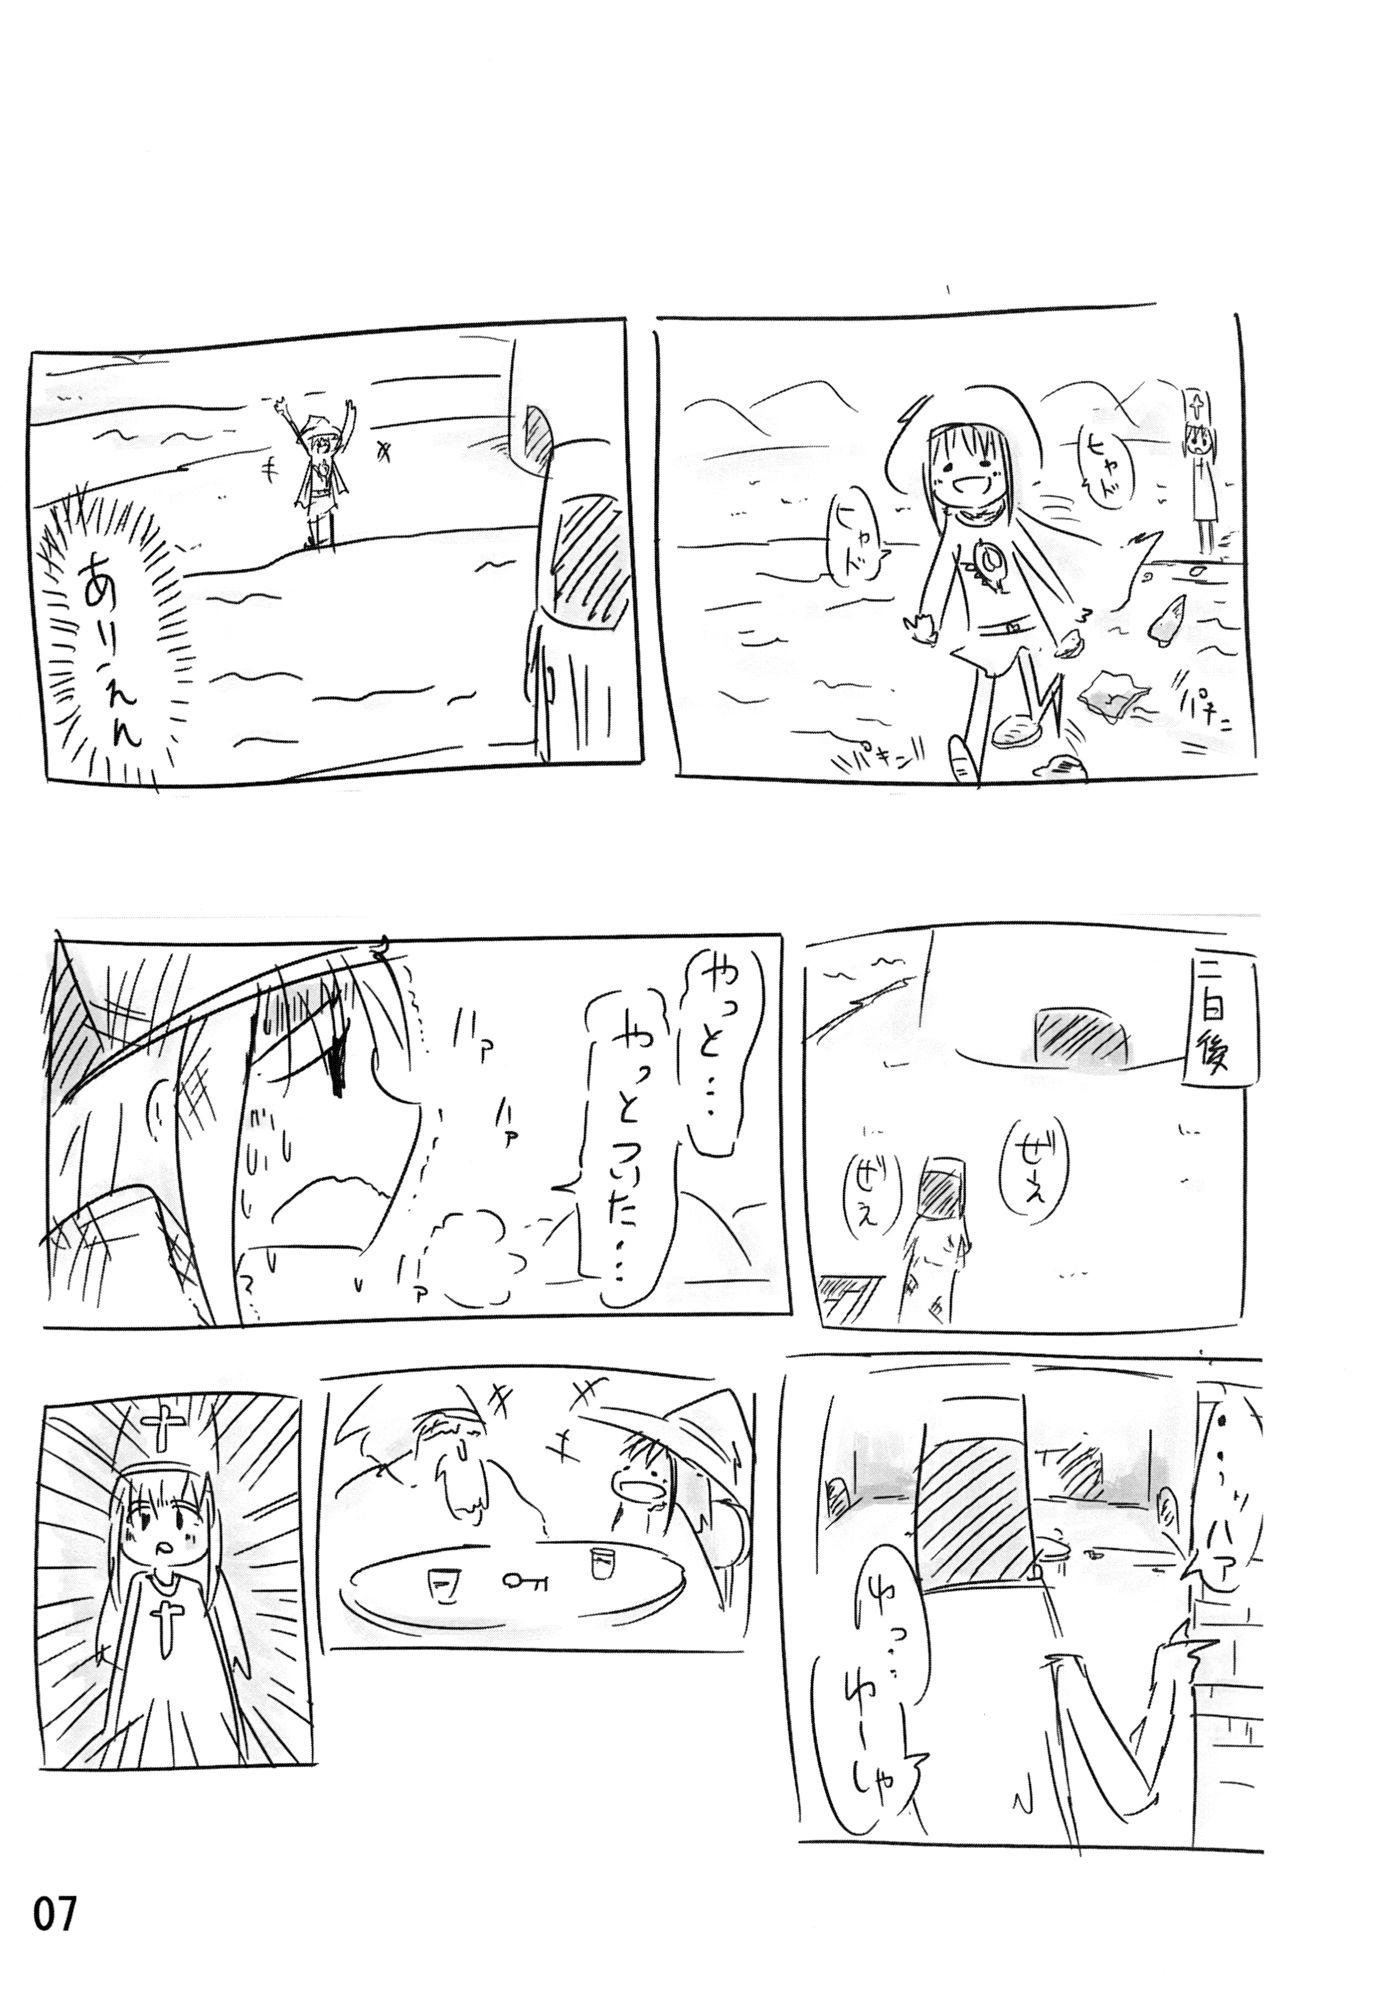 【日常 同人】ドラクエ3の僧侶の日記があった